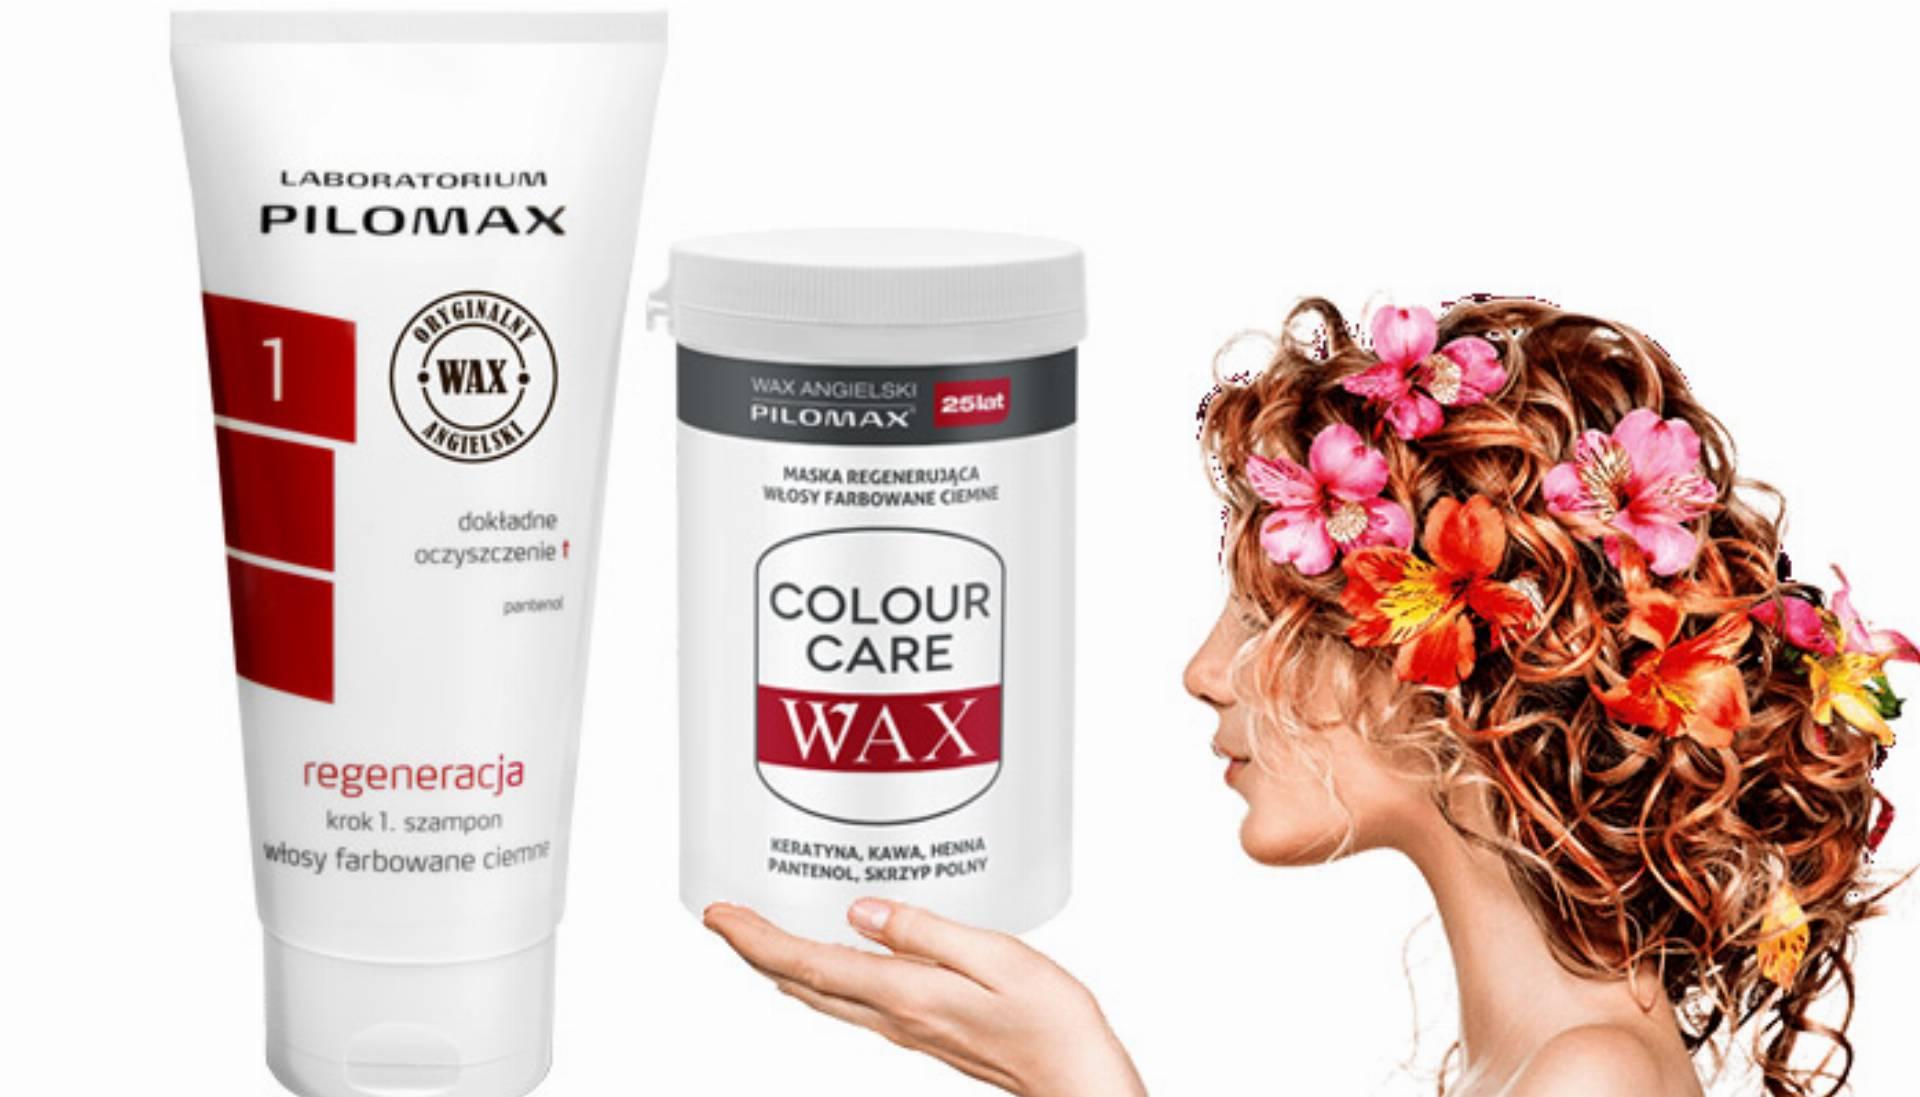 Pilomax-pielęgnacja-włosów-ciemnych-farbowanych